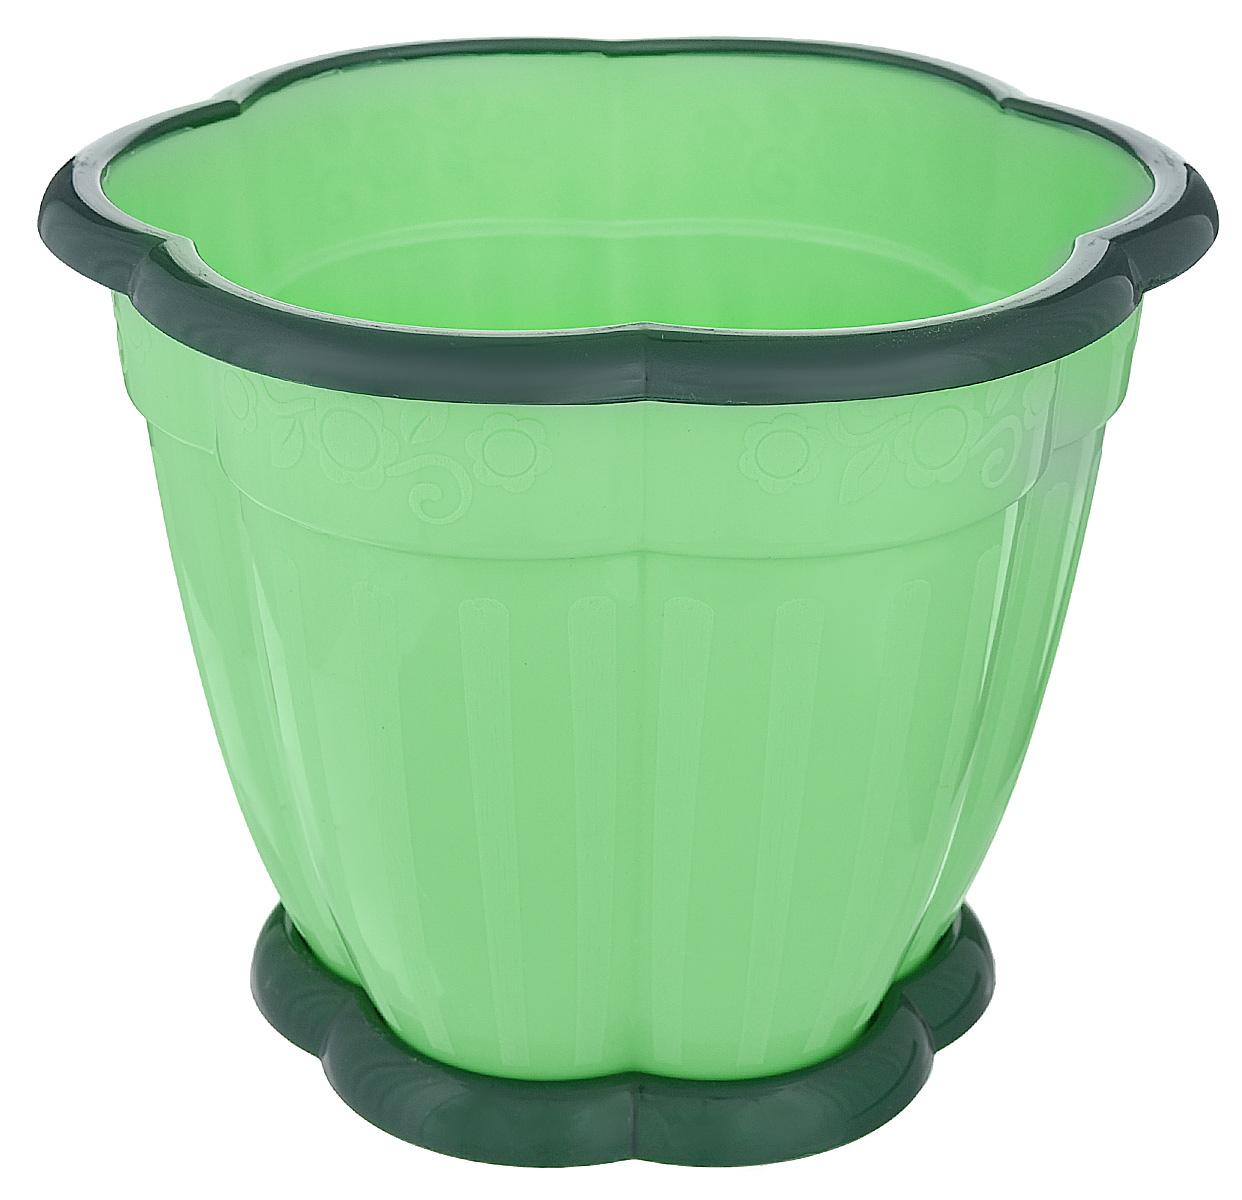 Горшок для цветов Альтернатива Восторг, с поддоном, цвет: светло-зеленый, зеленый, 3 лМ1219Любой, даже самый современный и продуманный интерьер будет не завершённым без растений. Они не только очищают воздух и насыщают его кислородом, но и заметно украшают окружающее пространство. Такому полезному &laquo члену семьи&raquoпросто необходимо красивое и функциональное кашпо, оригинальный горшок или необычная ваза! Мы предлагаем - Горшок для цветов 3 л Восторг, поддон, цвет зеленый!Оптимальный выбор материала &mdash &nbsp пластмасса! Почему мы так считаем? Малый вес. С лёгкостью переносите горшки и кашпо с места на место, ставьте их на столики или полки, подвешивайте под потолок, не беспокоясь о нагрузке. Простота ухода. Пластиковые изделия не нуждаются в специальных условиях хранения. Их&nbsp легко чистить &mdashдостаточно просто сполоснуть тёплой водой. Никаких царапин. Пластиковые кашпо не царапают и не загрязняют поверхности, на которых стоят. Пластик дольше хранит влагу, а значит &mdashрастение реже нуждается в поливе. Пластмасса не пропускает воздух &mdashкорневой системе растения не грозят резкие перепады температур. Огромный выбор форм, декора и расцветок &mdashвы без труда подберёте что-то, что идеально впишется в уже существующий интерьер.Соблюдая нехитрые правила ухода, вы можете заметно продлить срок службы горшков, вазонов и кашпо из пластика: всегда учитывайте размер кроны и корневой системы растения (при разрастании большое растение способно повредить маленький горшок)берегите изделие от воздействия прямых солнечных лучей, чтобы кашпо и горшки не выцветалидержите кашпо и горшки из пластика подальше от нагревающихся поверхностей.Создавайте прекрасные цветочные композиции, выращивайте рассаду или необычные растения, а низкие цены позволят вам не ограничивать себя в выборе.